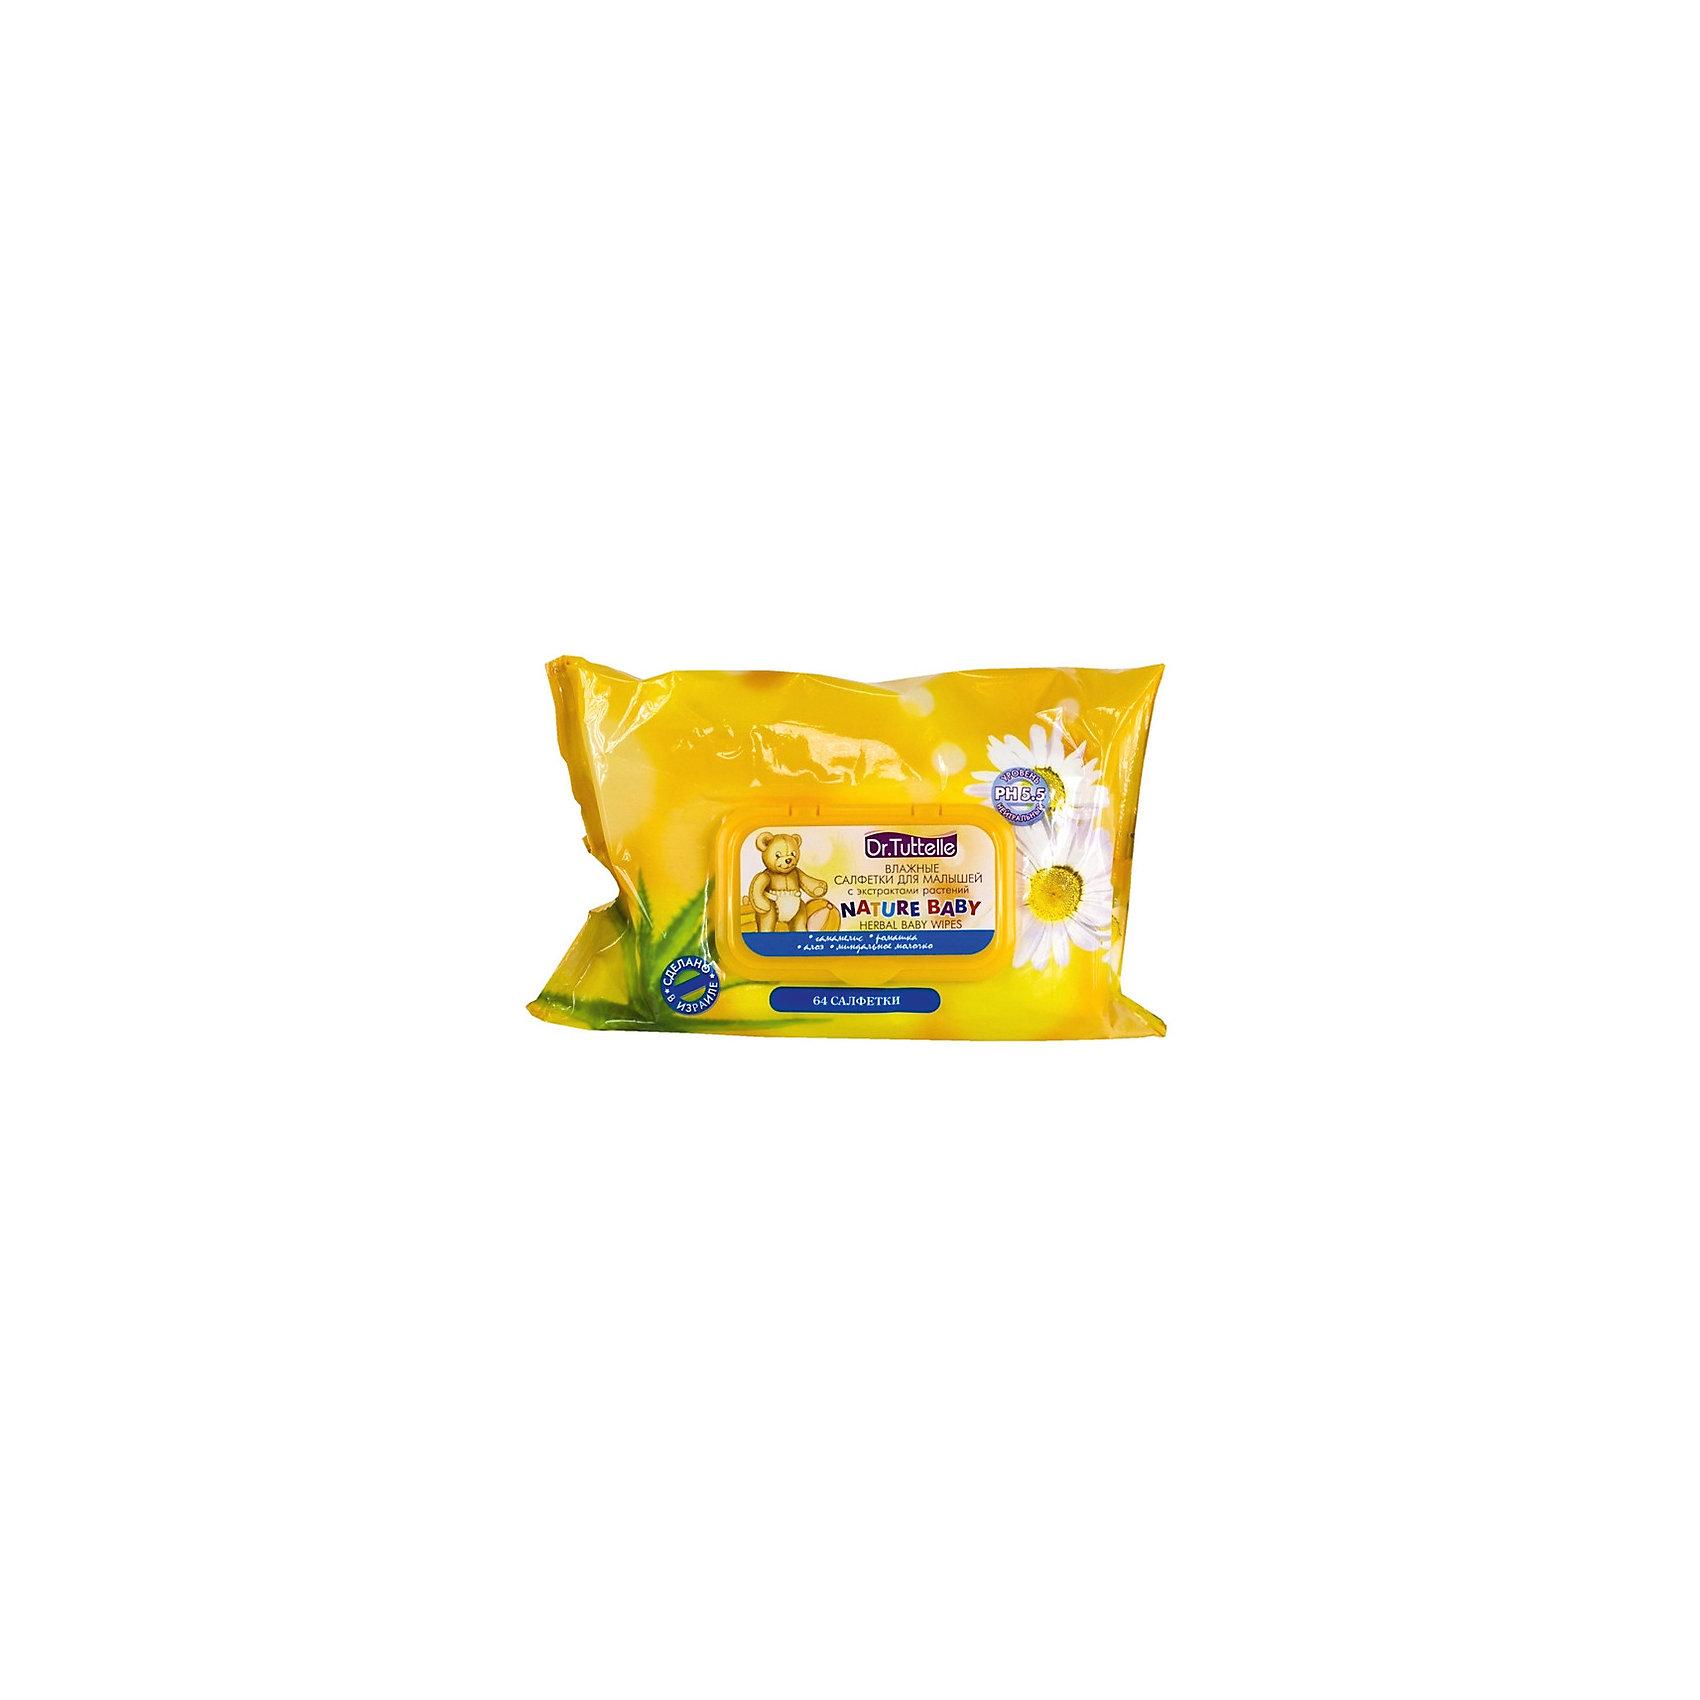 DR. TUTTELLЕ Влажные салфетки для малышей с экстрактами растений (с флип-топом) 64 шт, Dr. Tuttelle